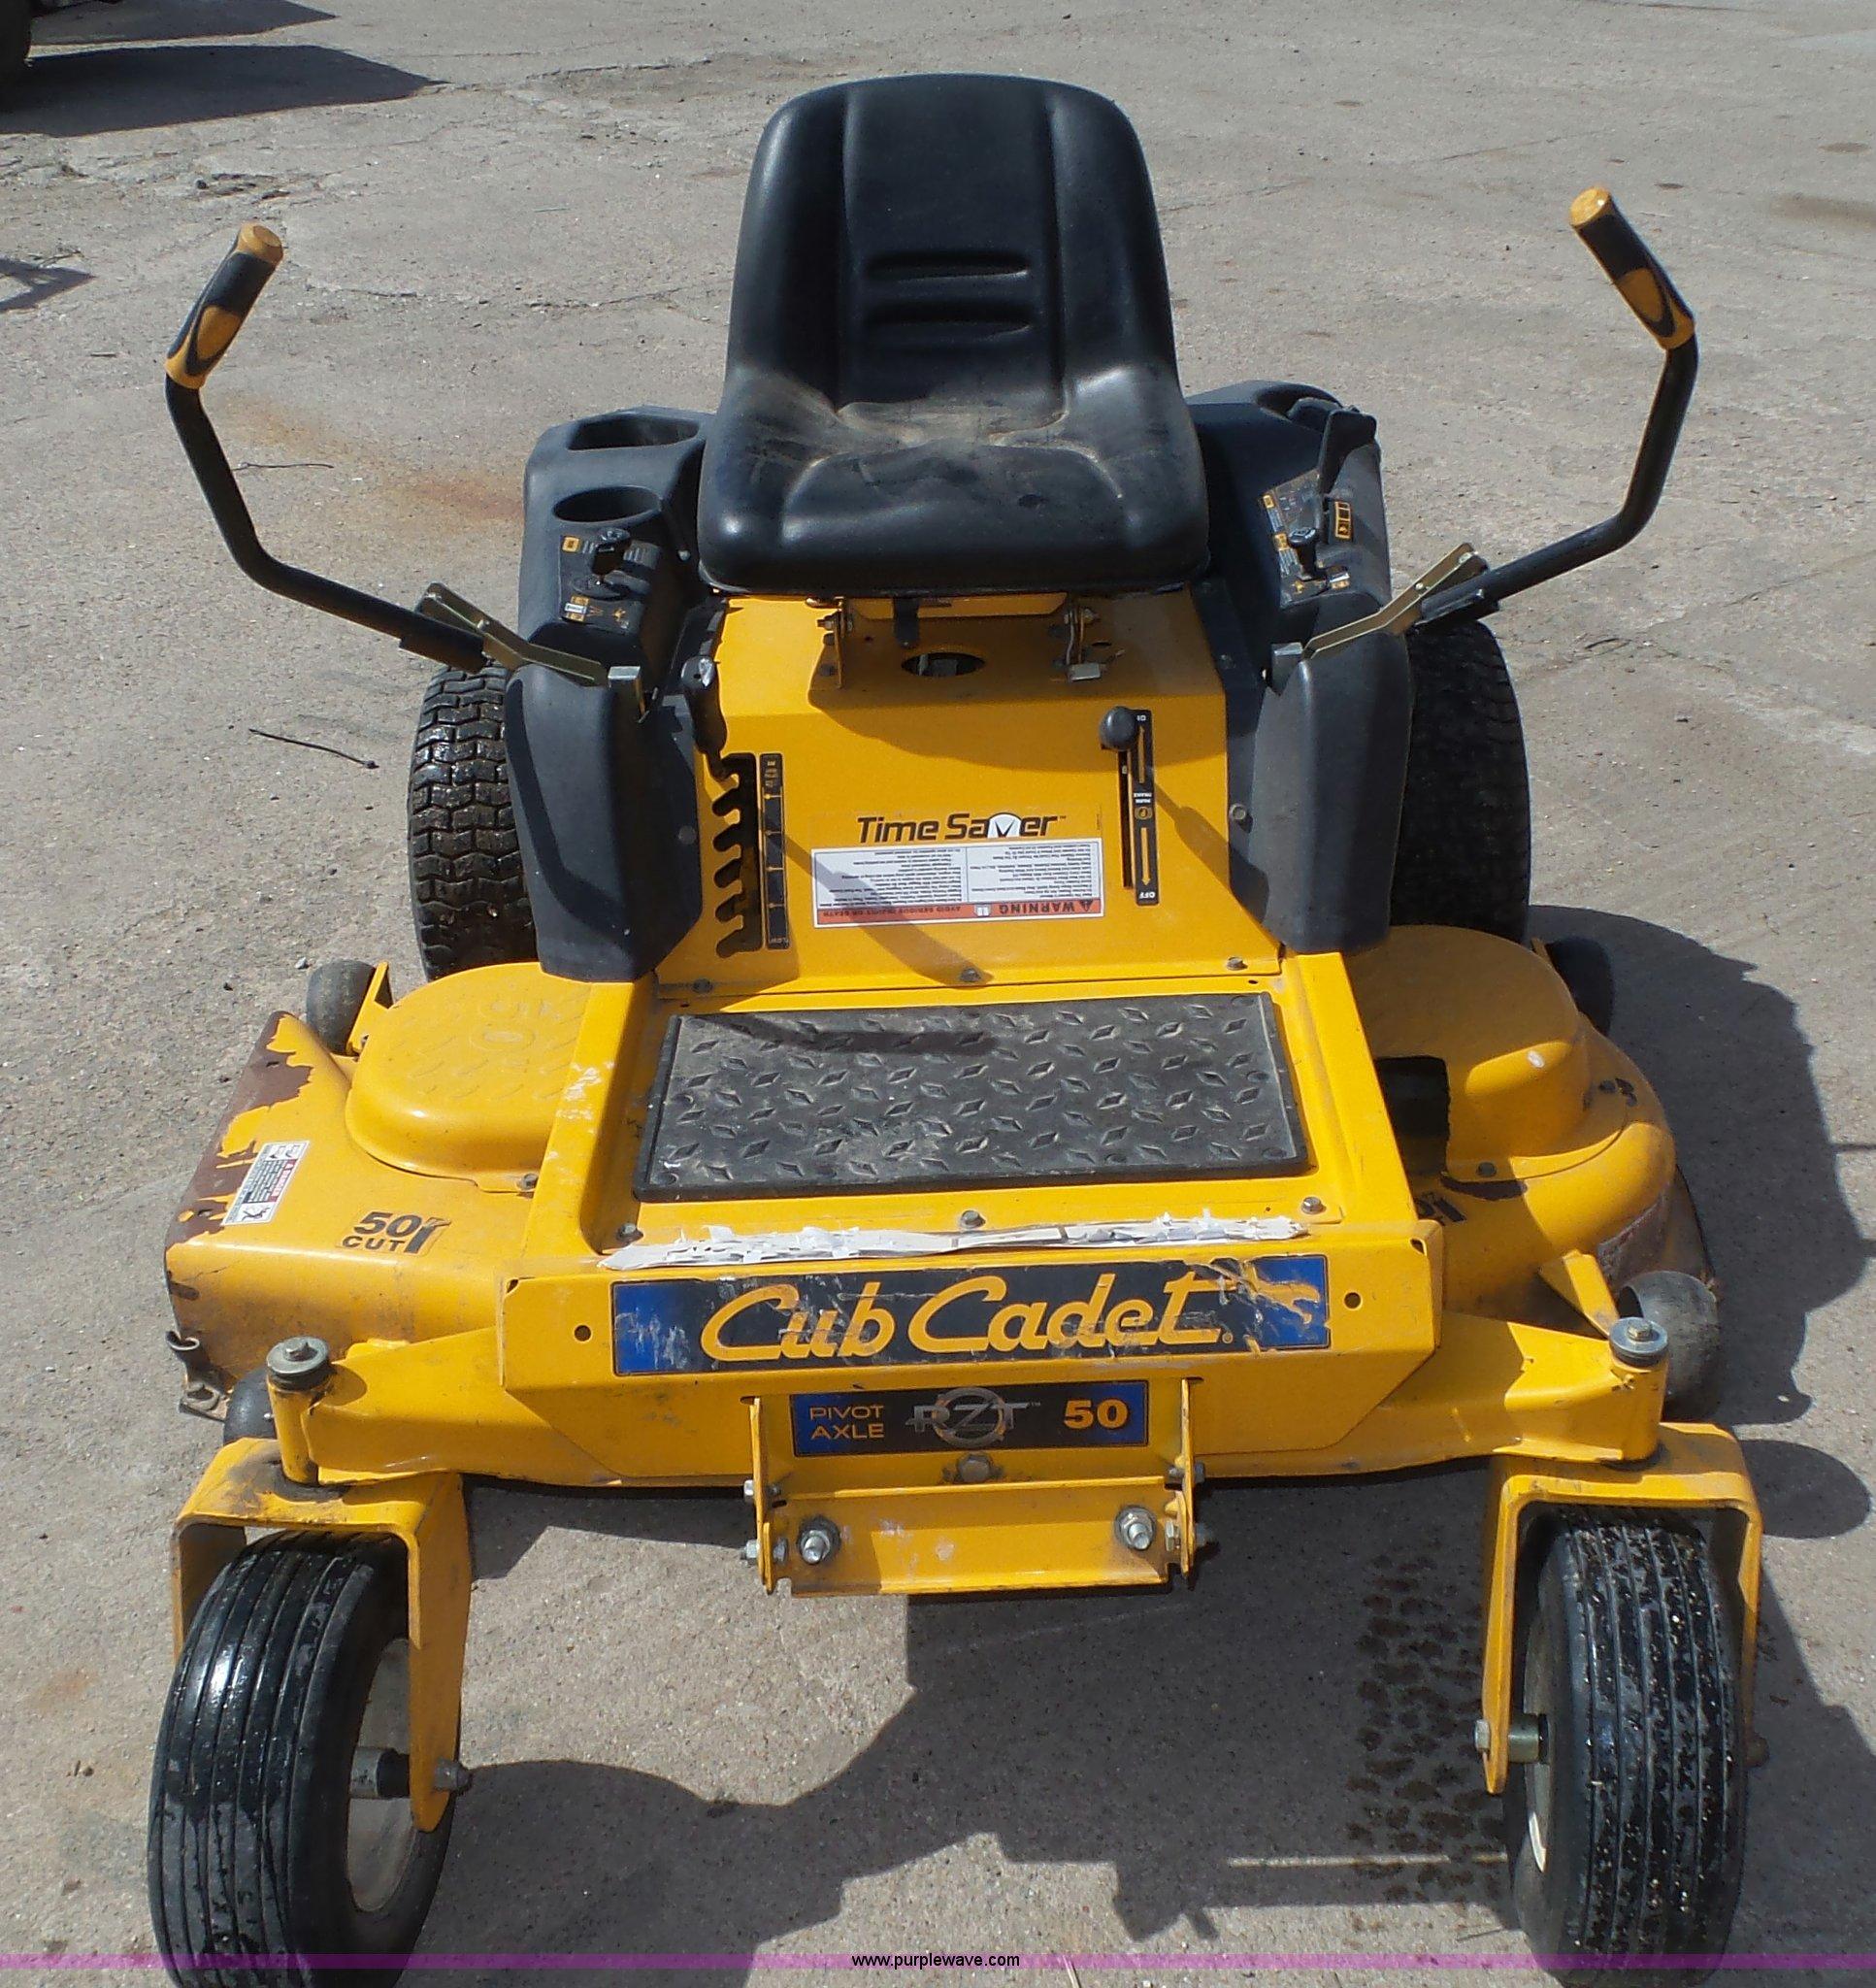 2006 Cub Cadet Rzt50 Lawn Mower Item K8263 Sold May 4 V